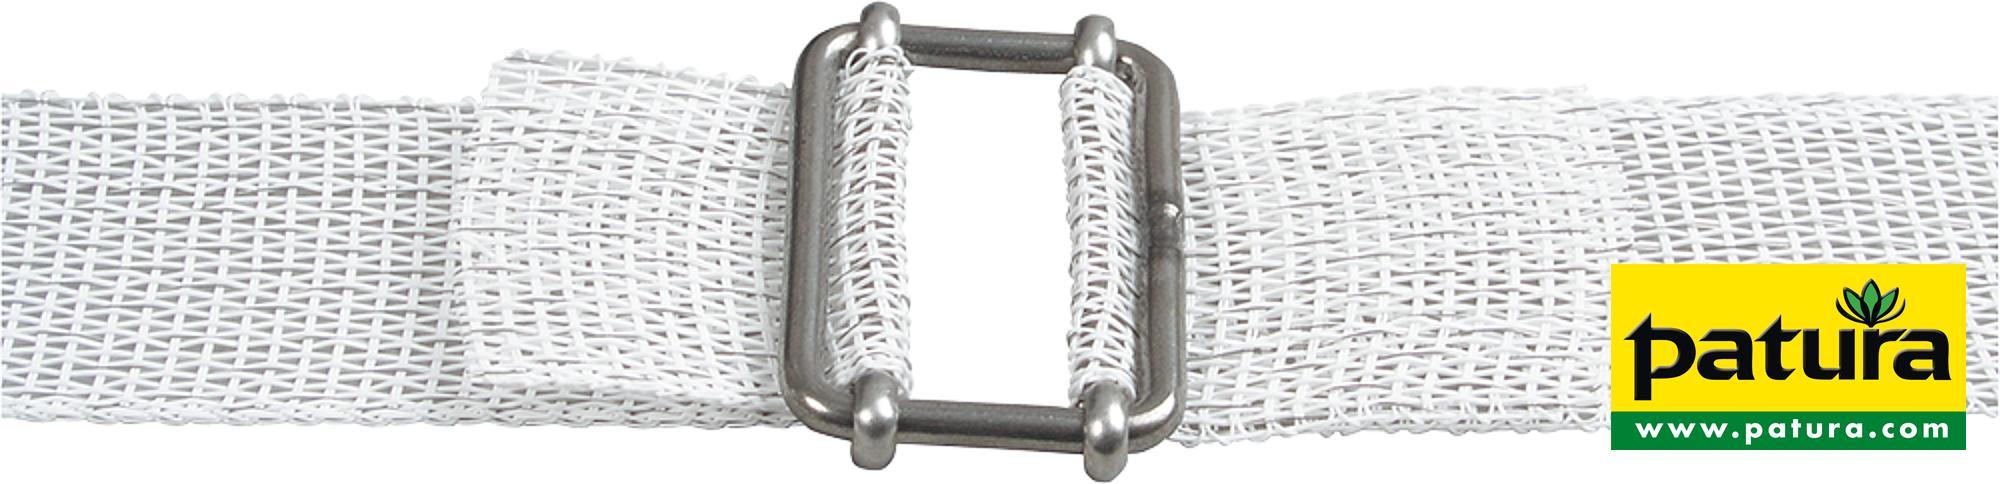 Bandverbinder 12,5 mm, Edelstahl, für Breitband 10-12,5 mm (5 Stück / Pack)